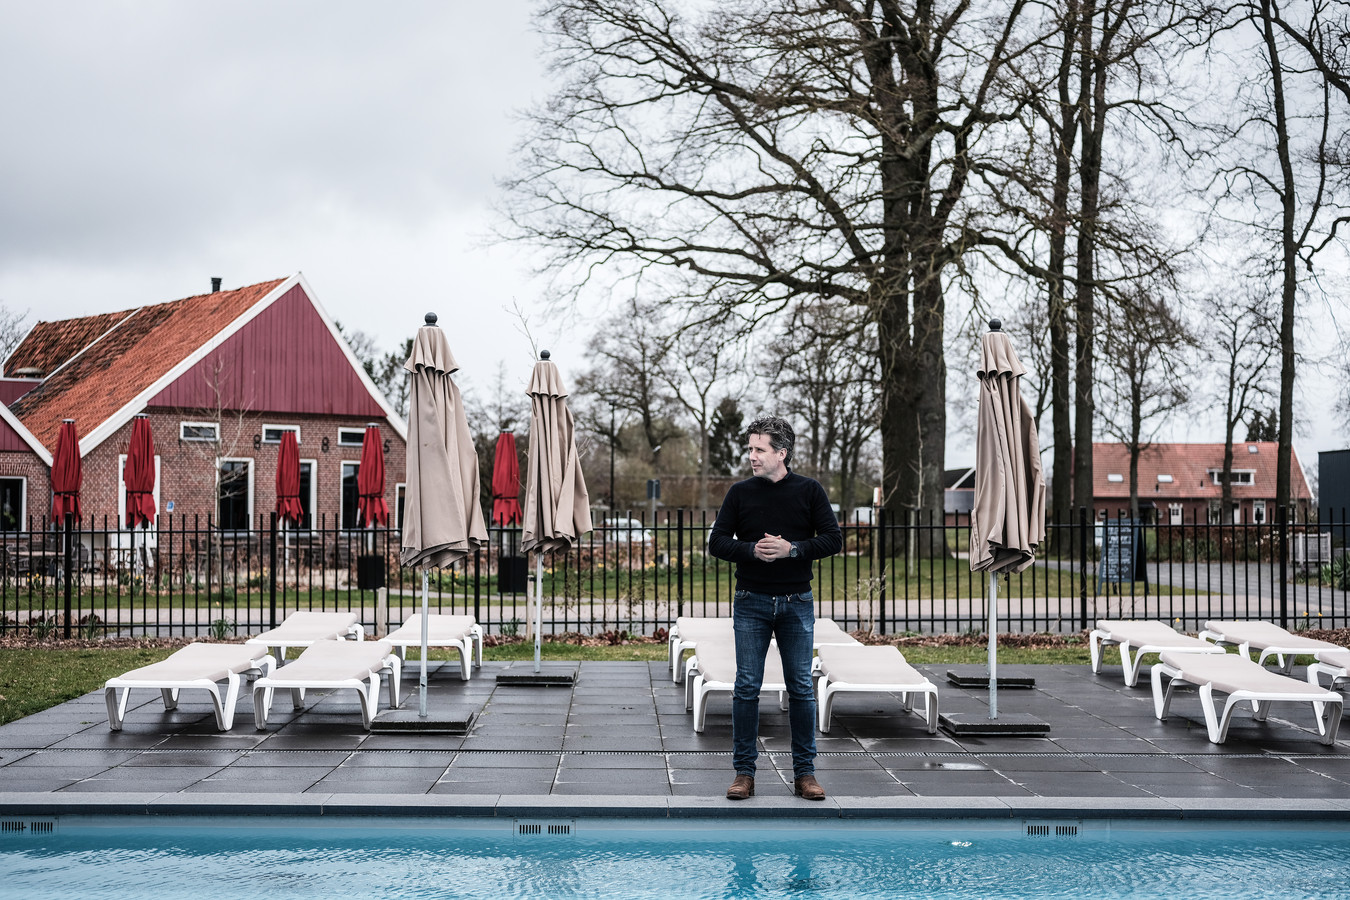 Hendrik Jan Mensink van camping Twee Bruggen in Winterswijk tijdens Pasen. Toen aan een verlaten verwarmd zwembad met lege stoelen.